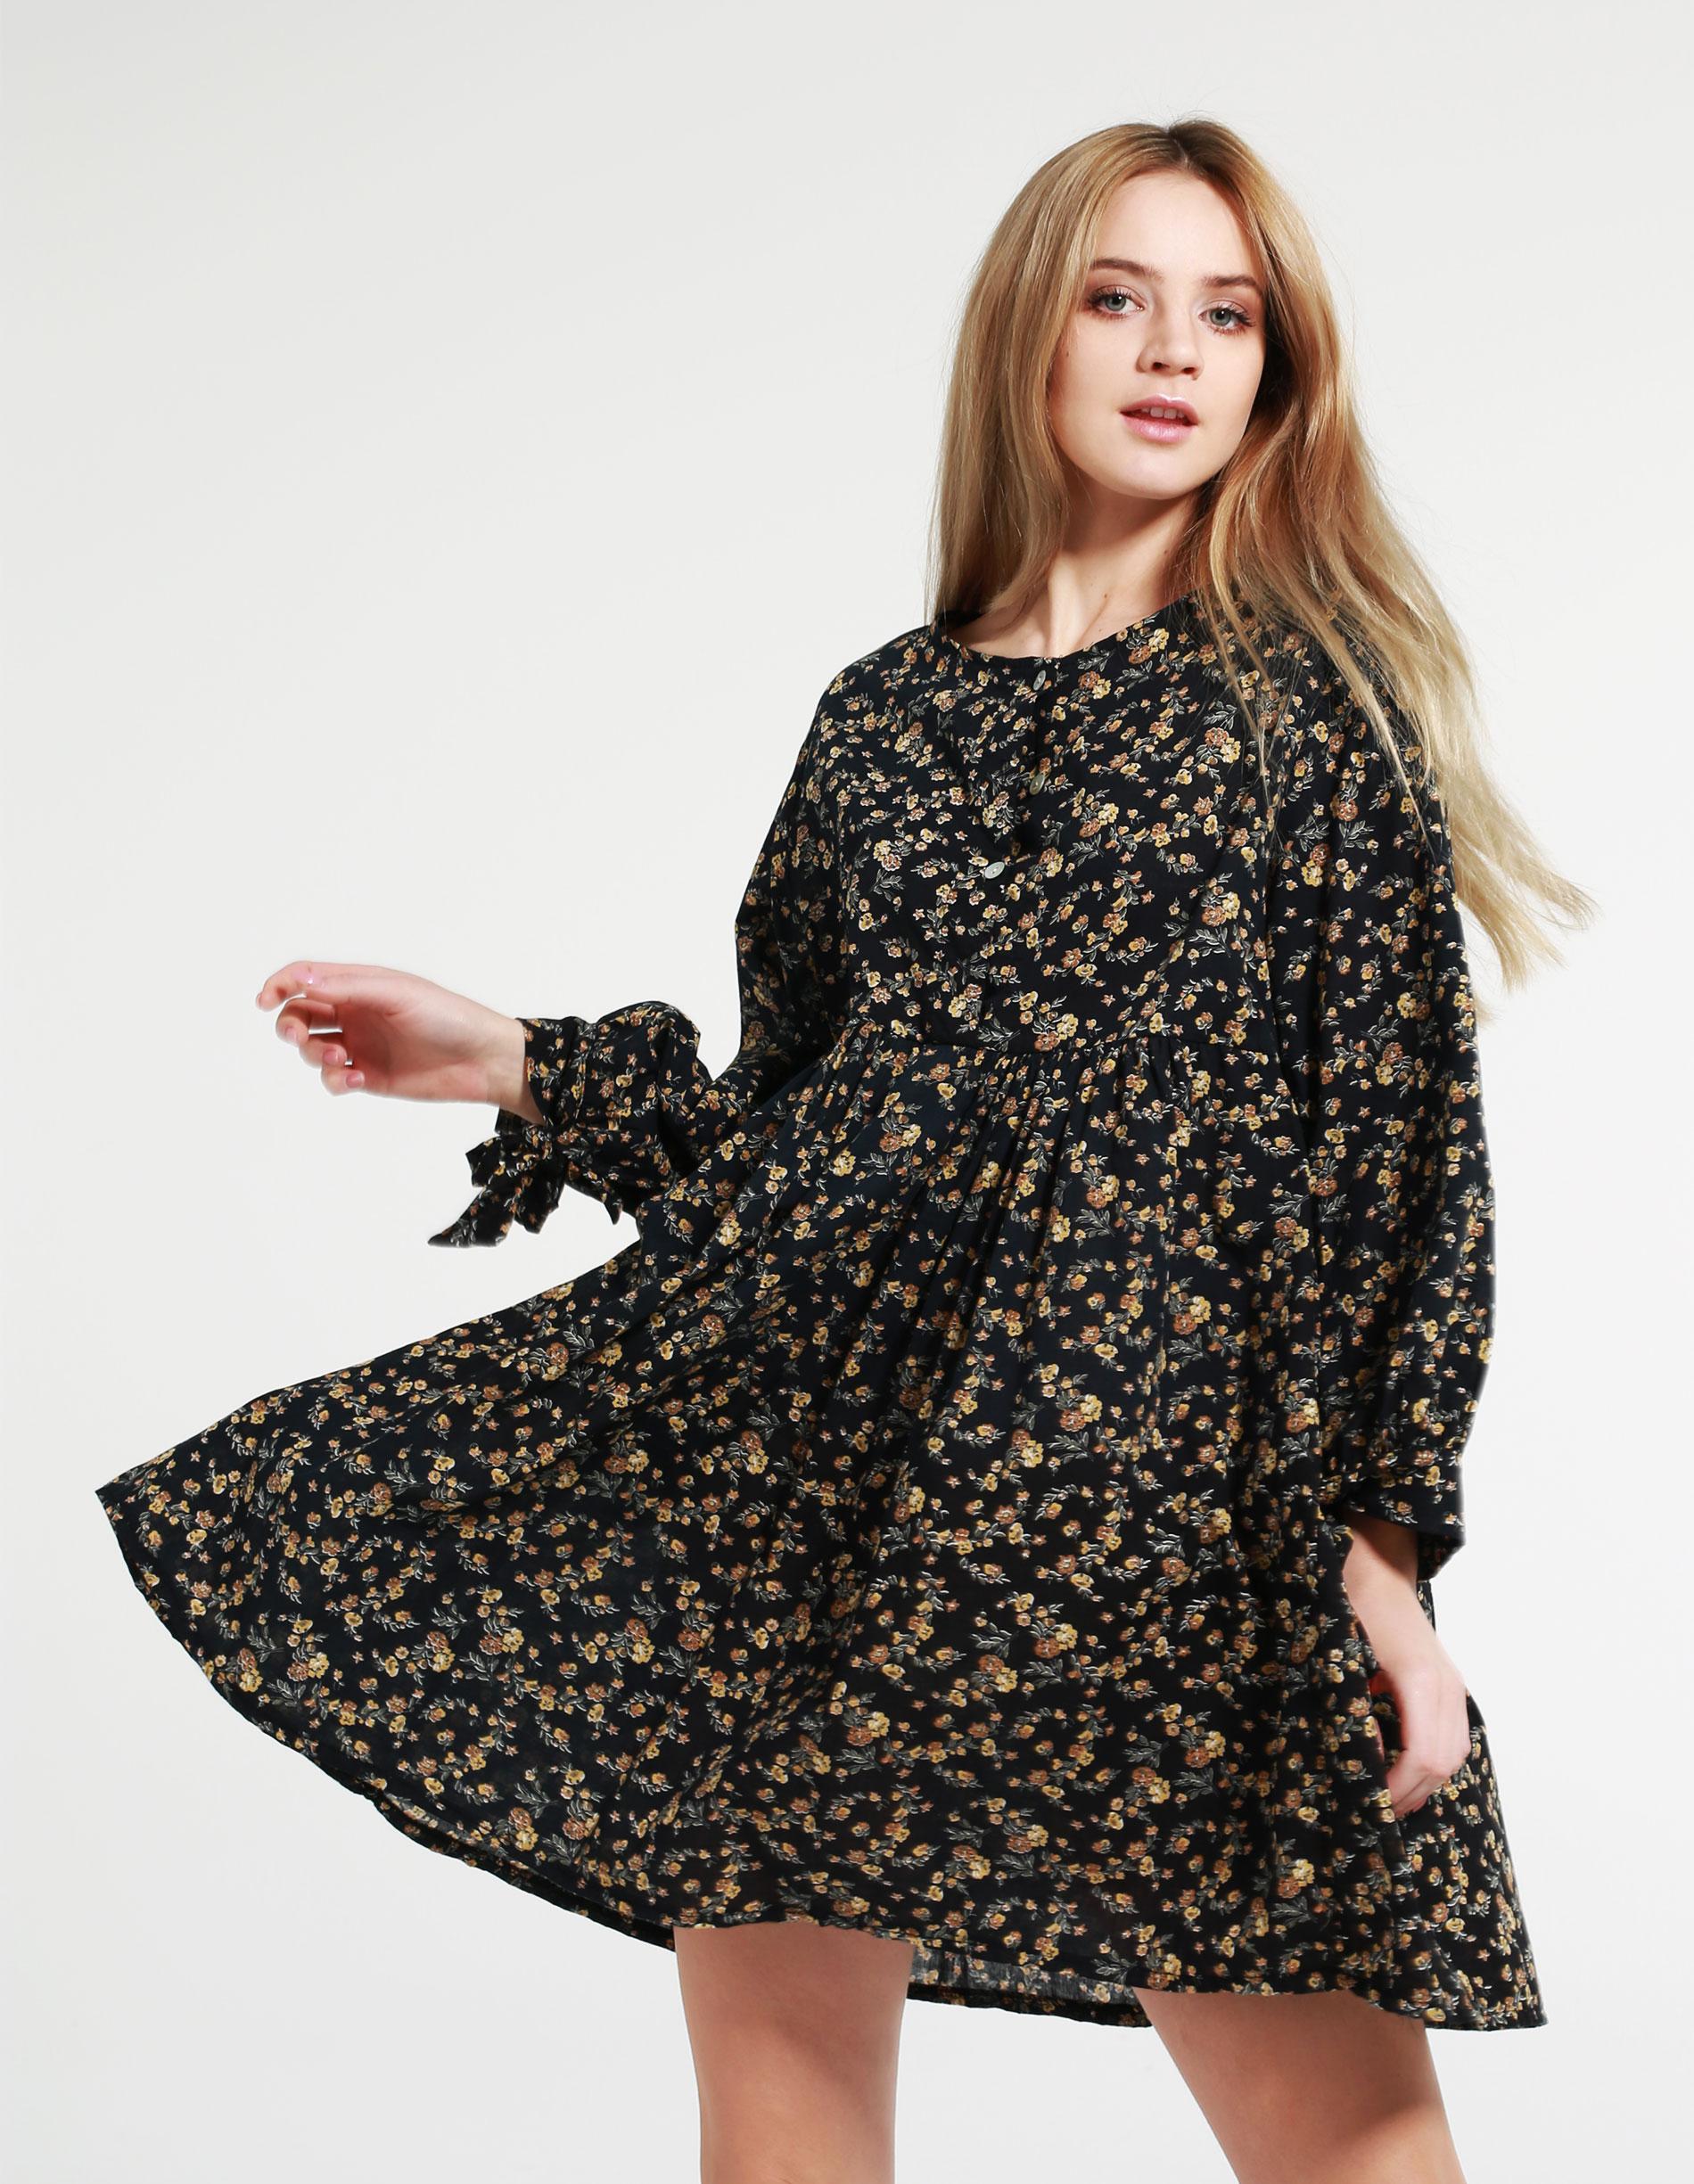 Sukienka - 34-4407 NERO - Unisono